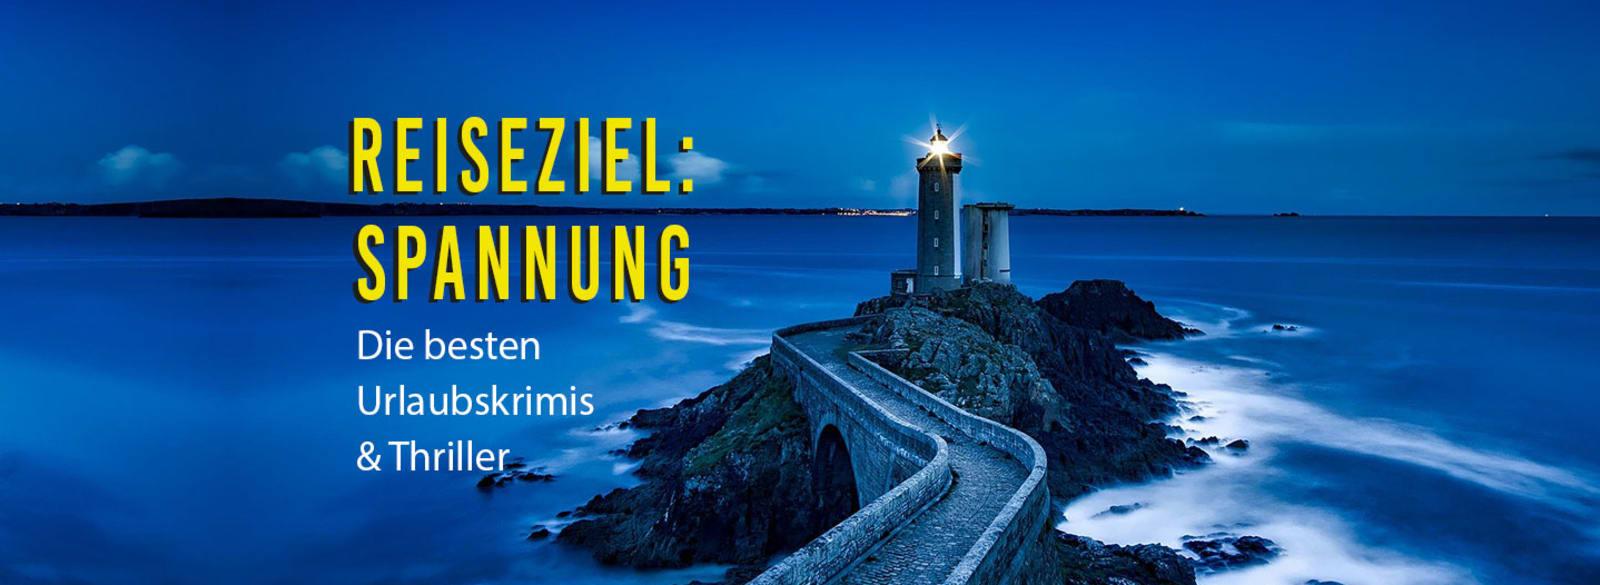 Banner mit einem Leuchtturm drauf und dem Text: Reiseziel: Spannung